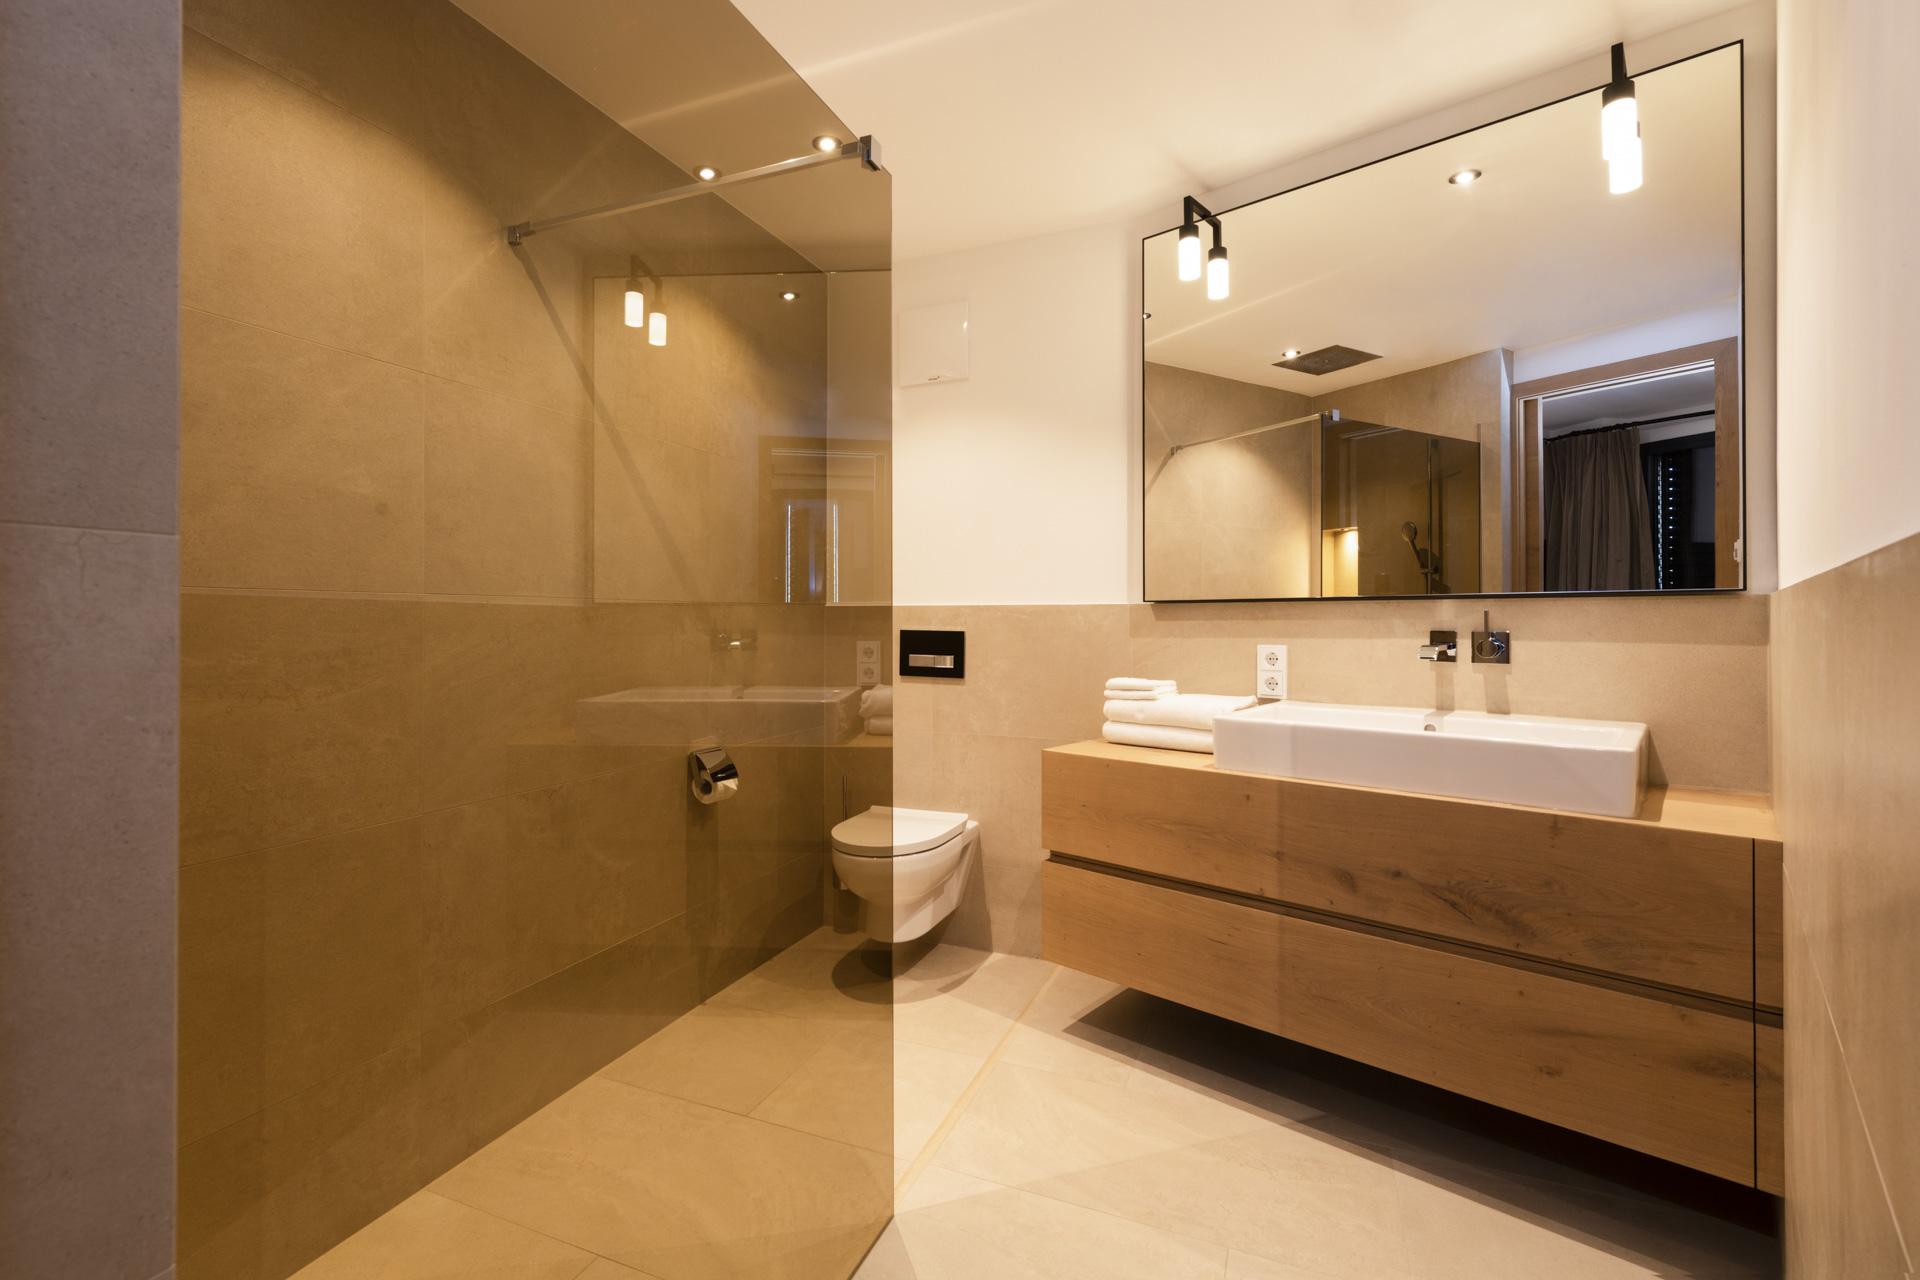 Tischlerei-Decker-Projekte-Wohnung-D-Badezimmer